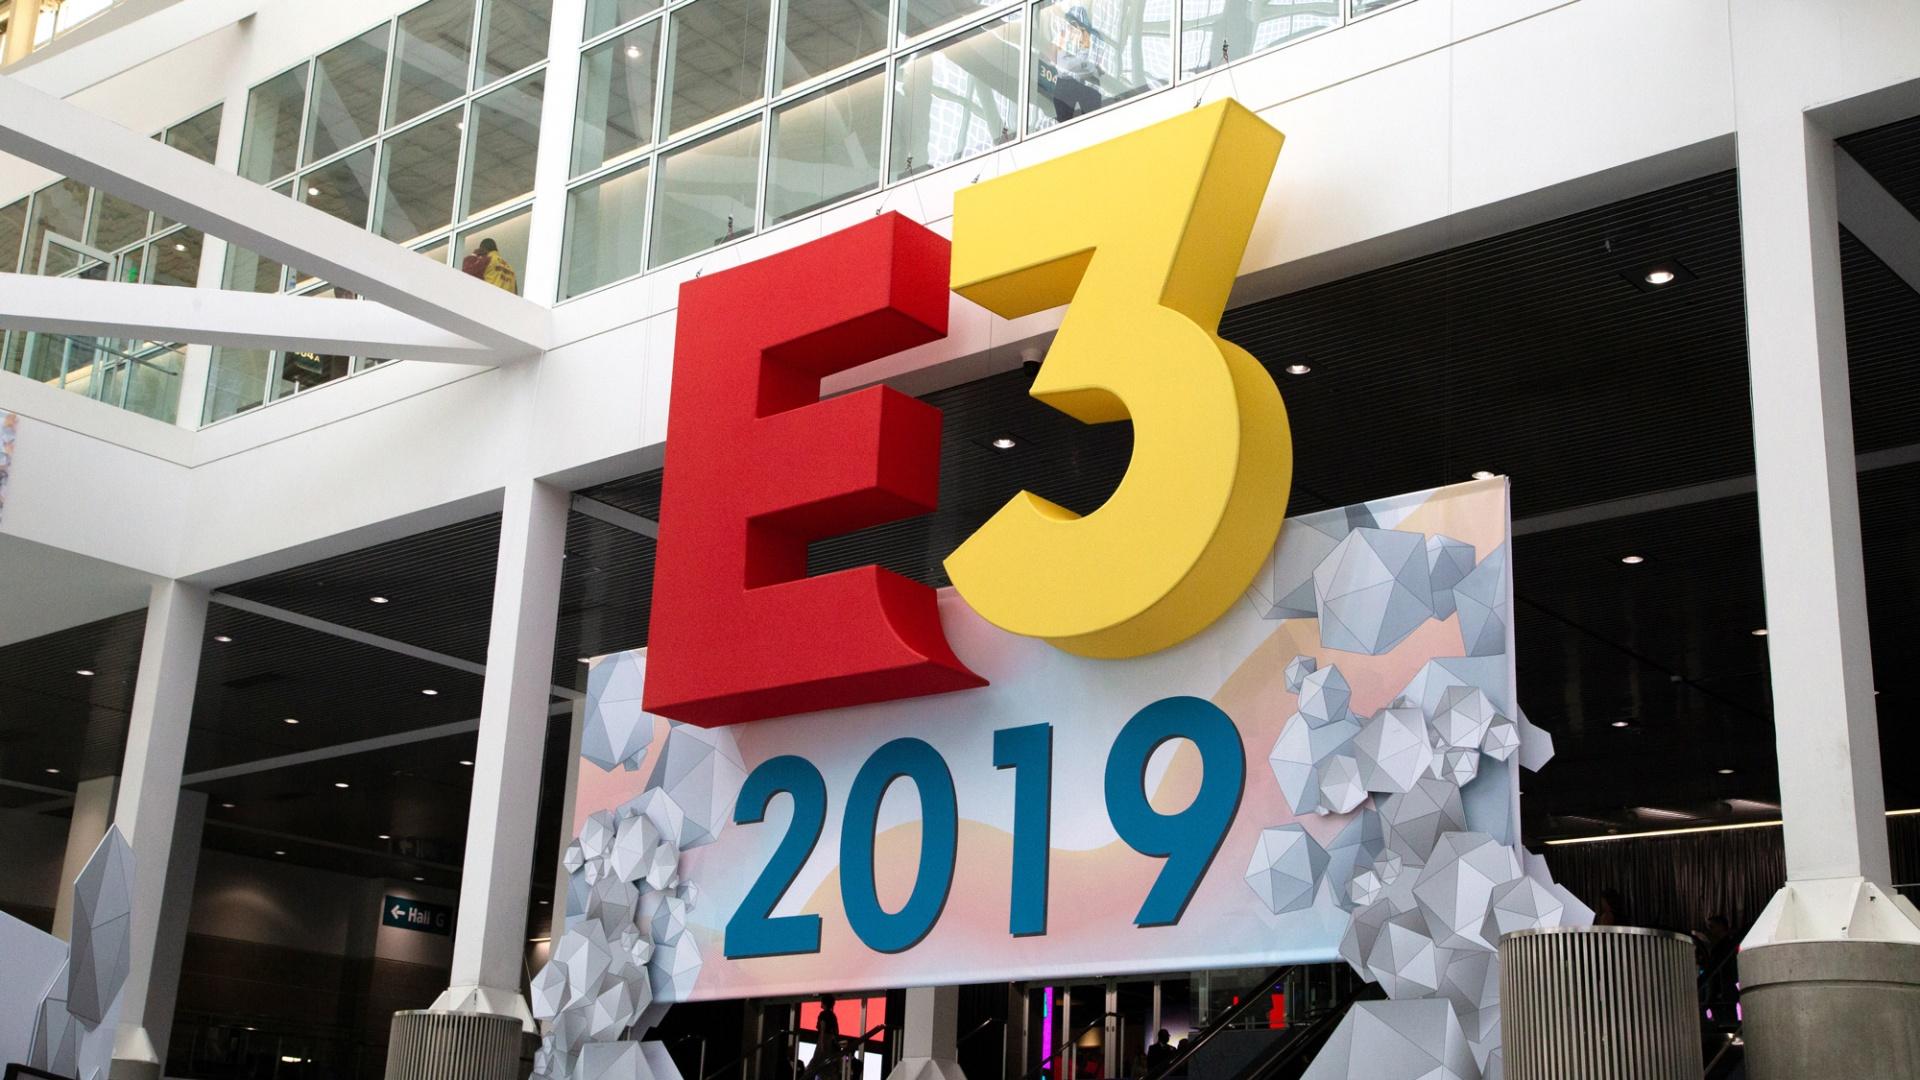 Организаторы E3 допустили утечку персональных данных двух тысяч журналистов (Обновлено)